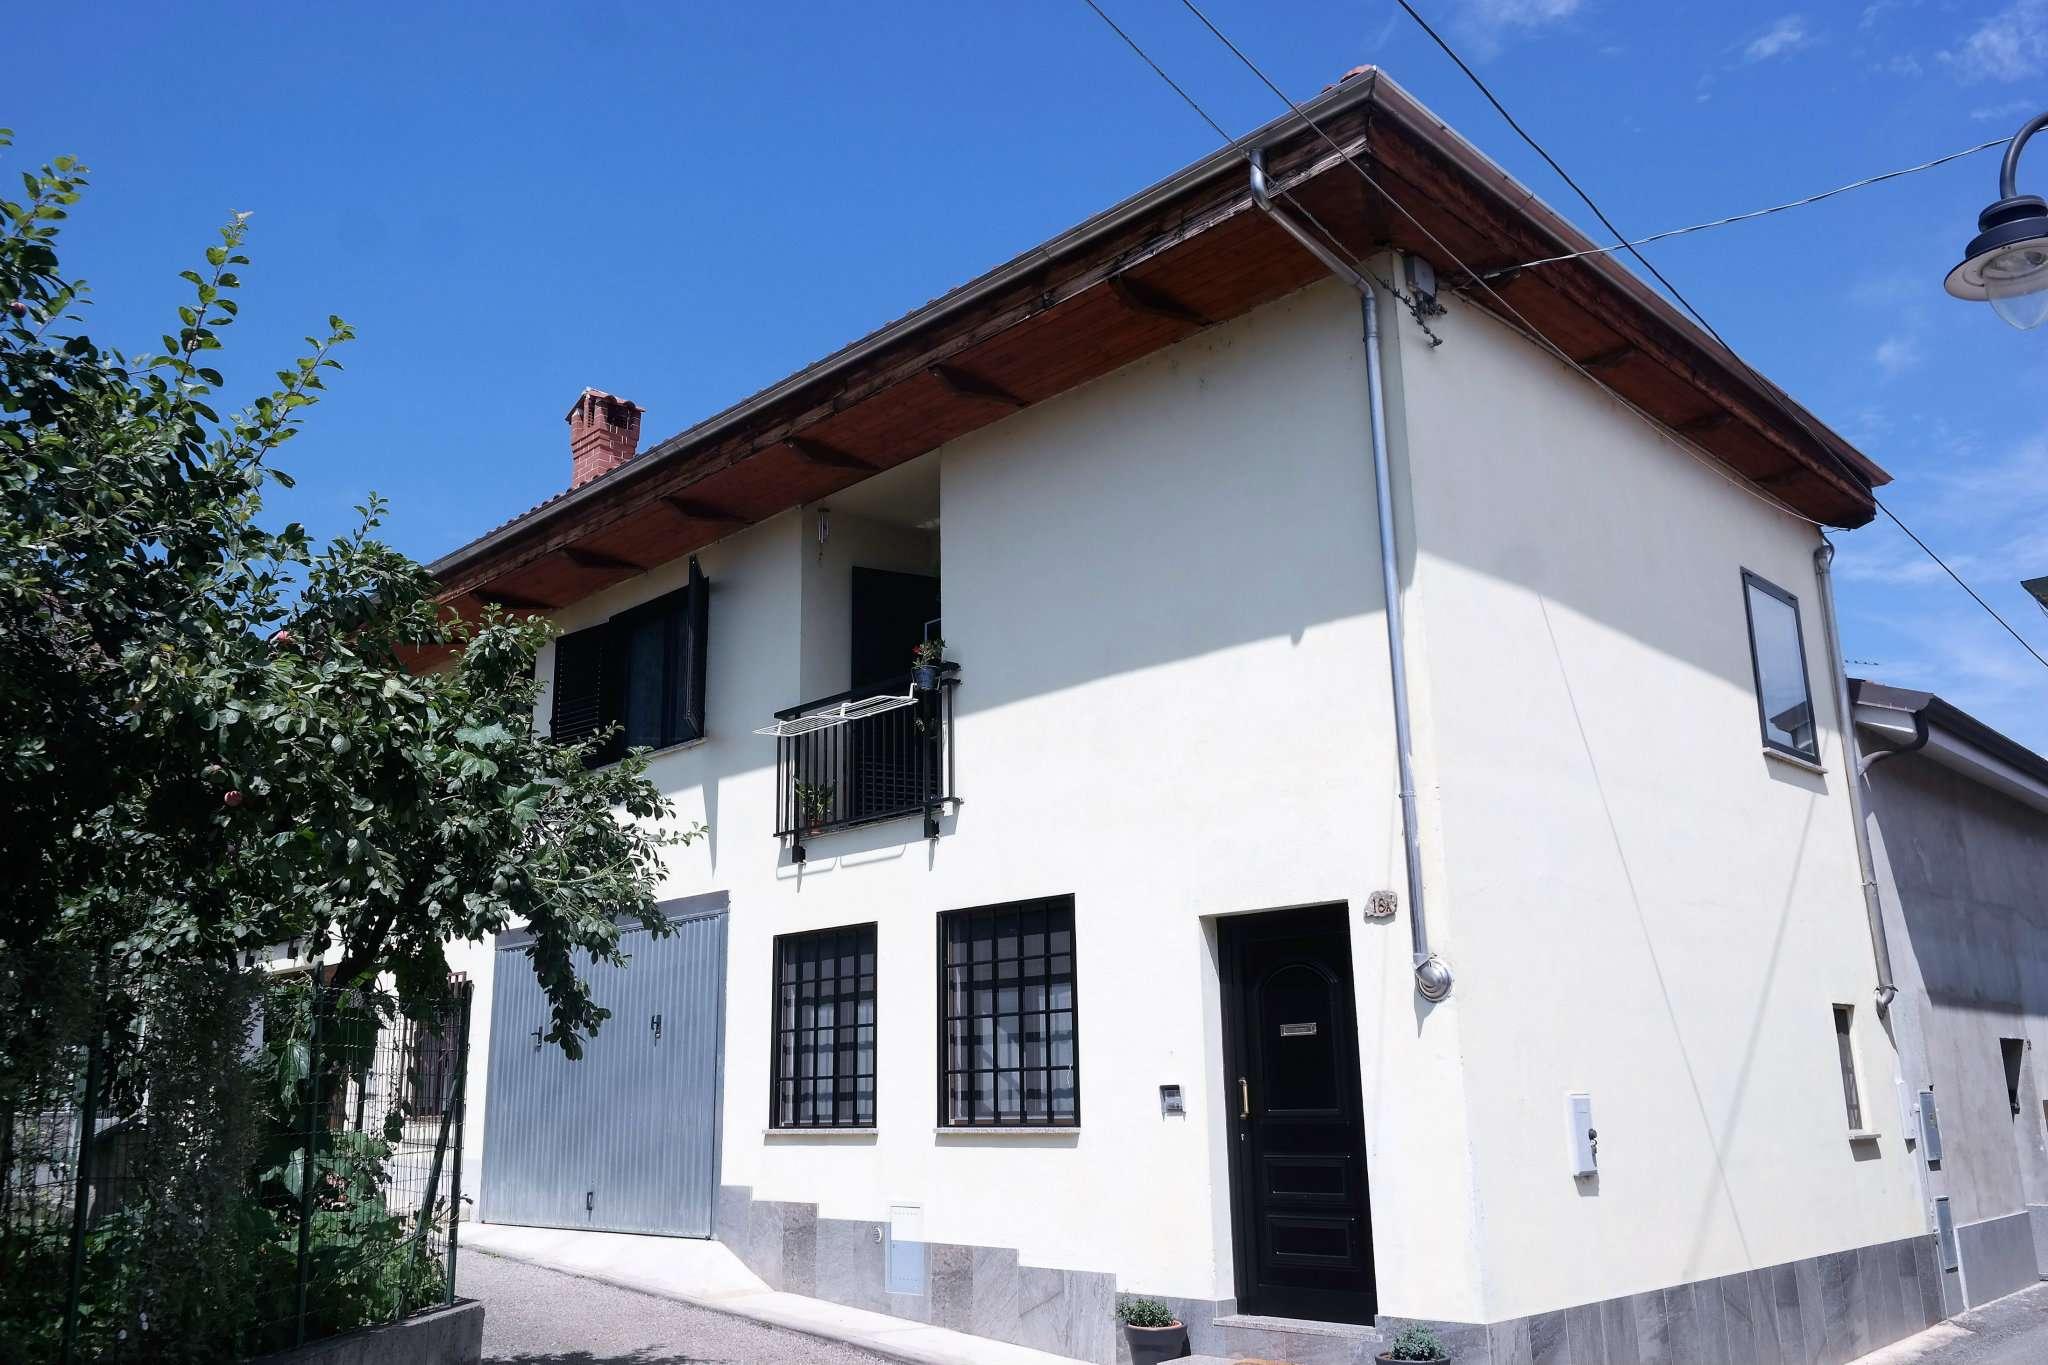 Soluzione Indipendente in vendita a Caselette, 4 locali, prezzo € 159.000 | CambioCasa.it